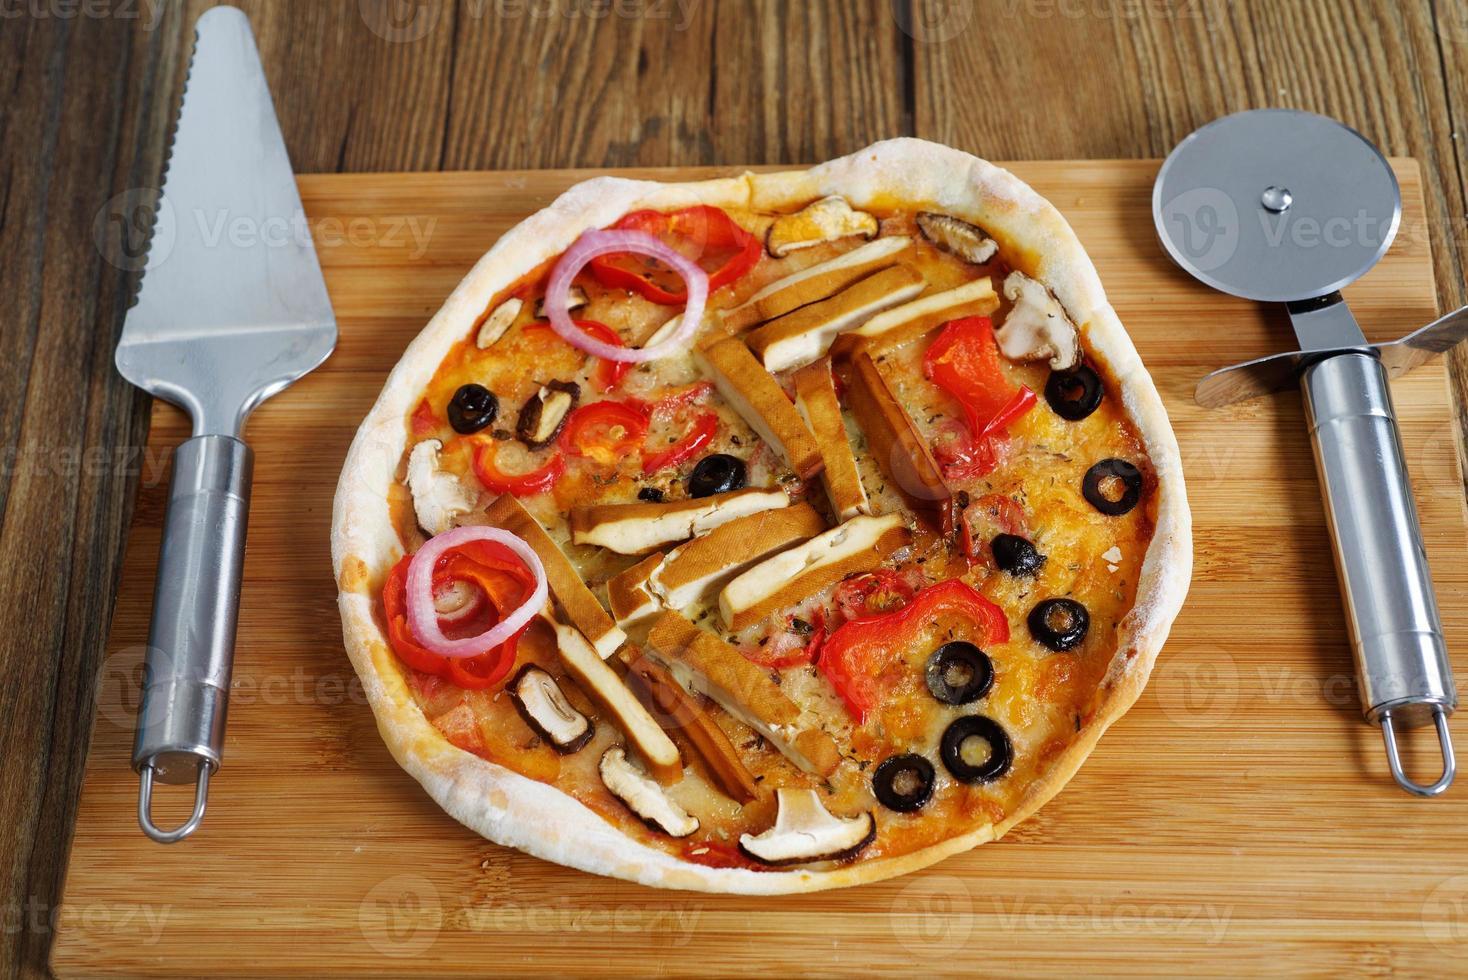 Pizza de margarita vegetariana casera en la mesa foto